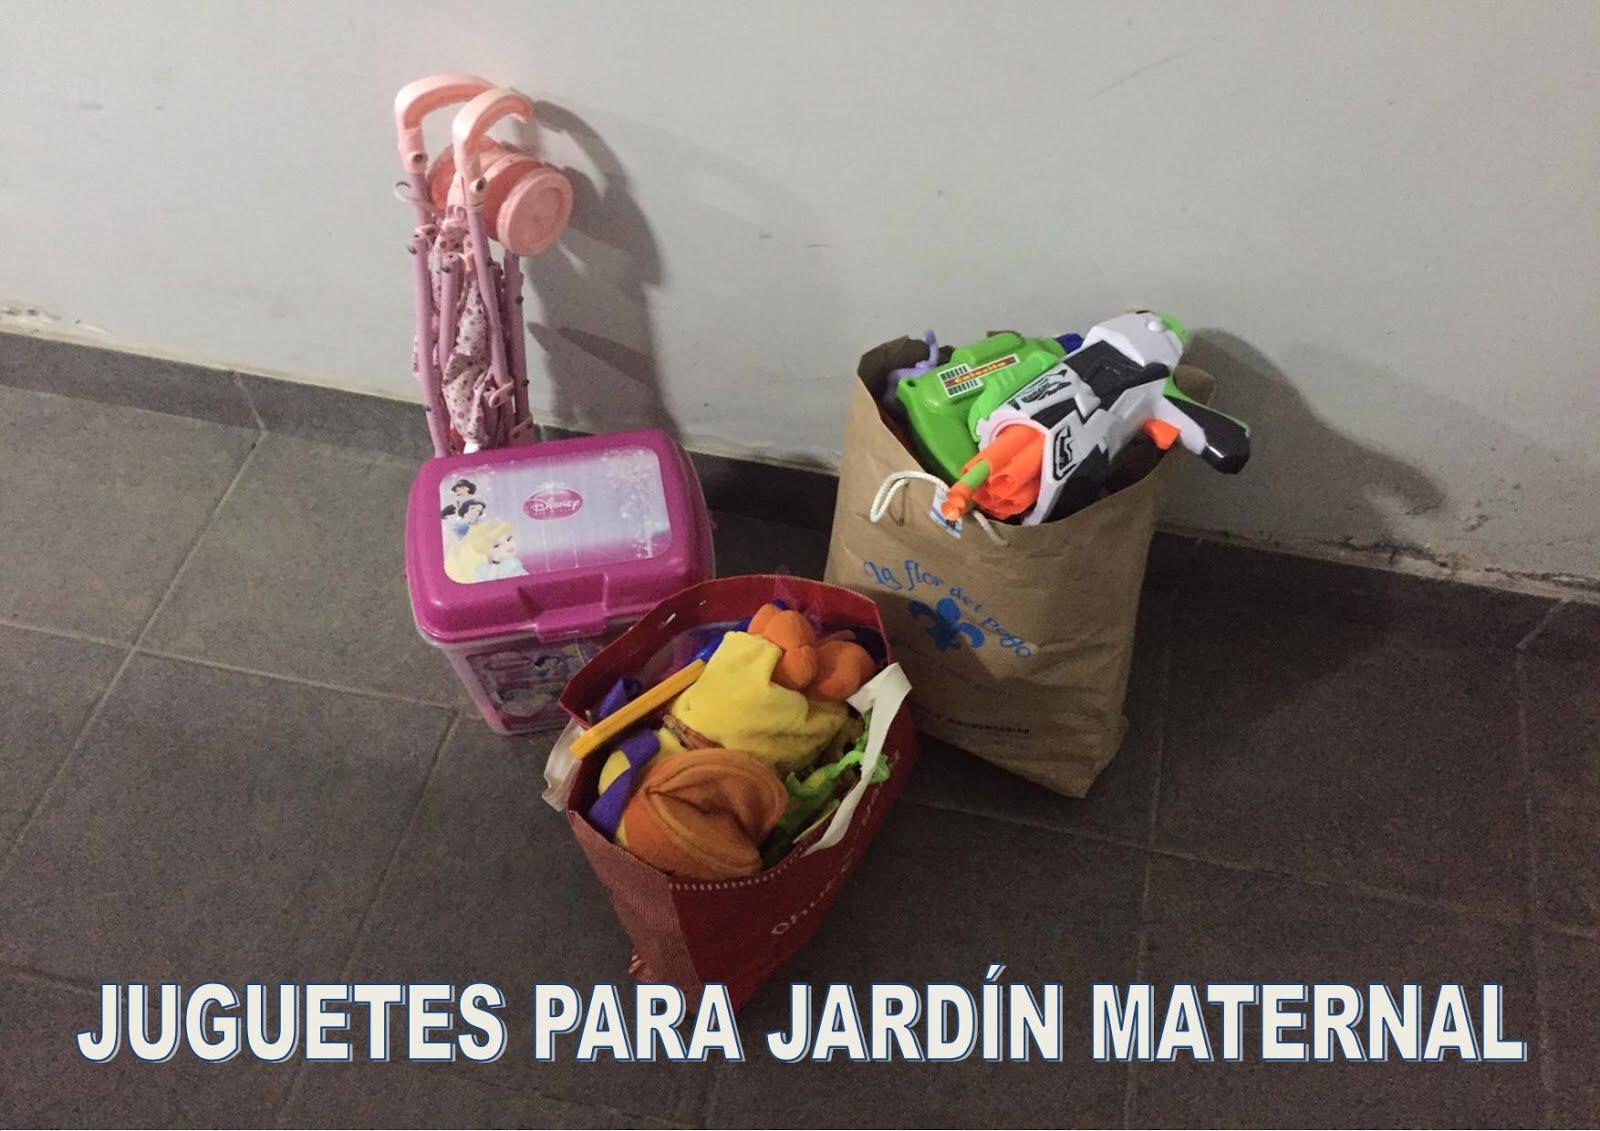 Departamento de agrupaciones y pe asclub atletico san for Jardin maternal unlp 2016